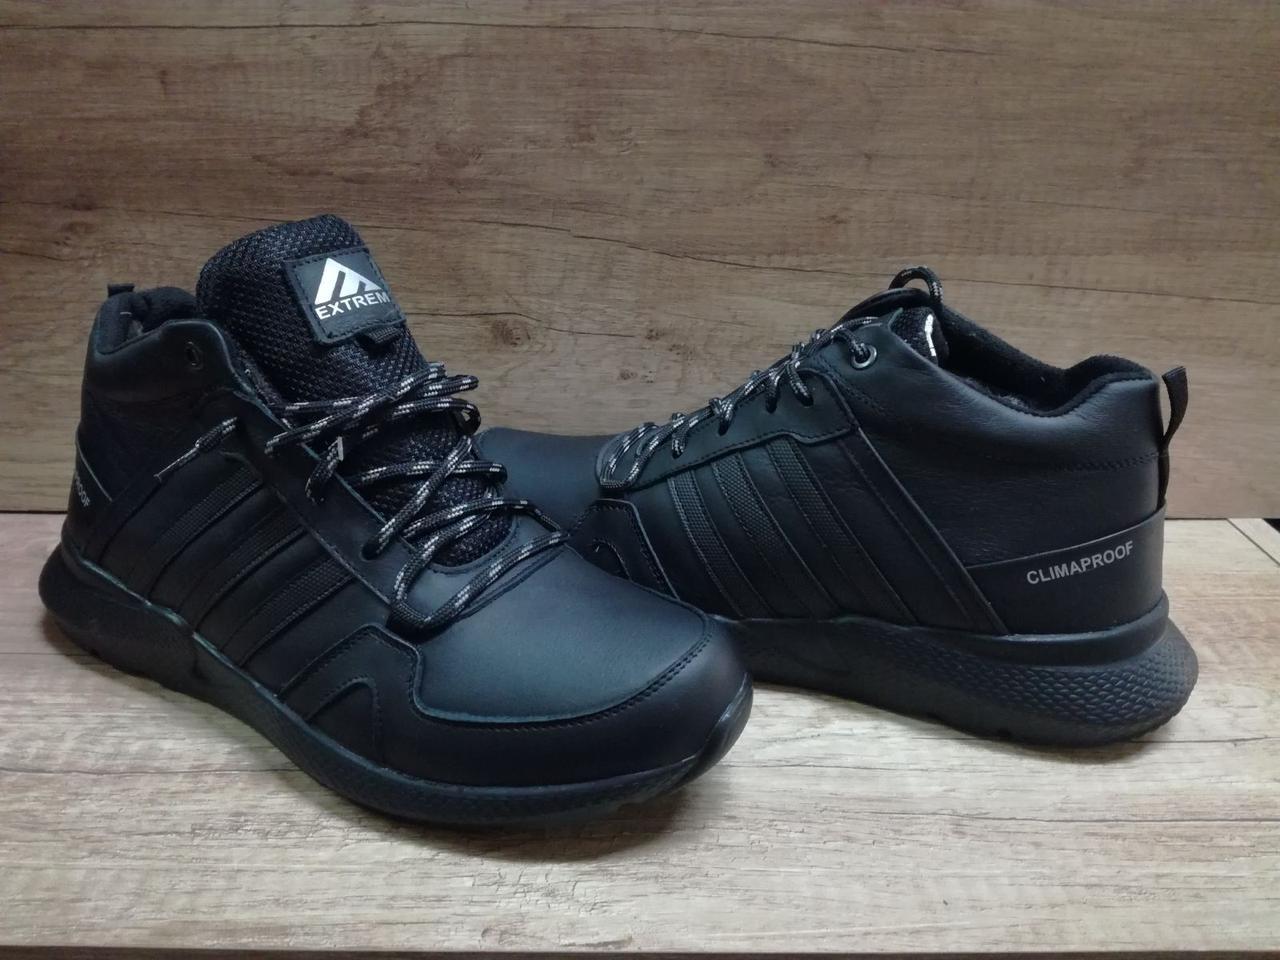 Мужские зимние кроссовки Extrem из натуральной кожи черные.